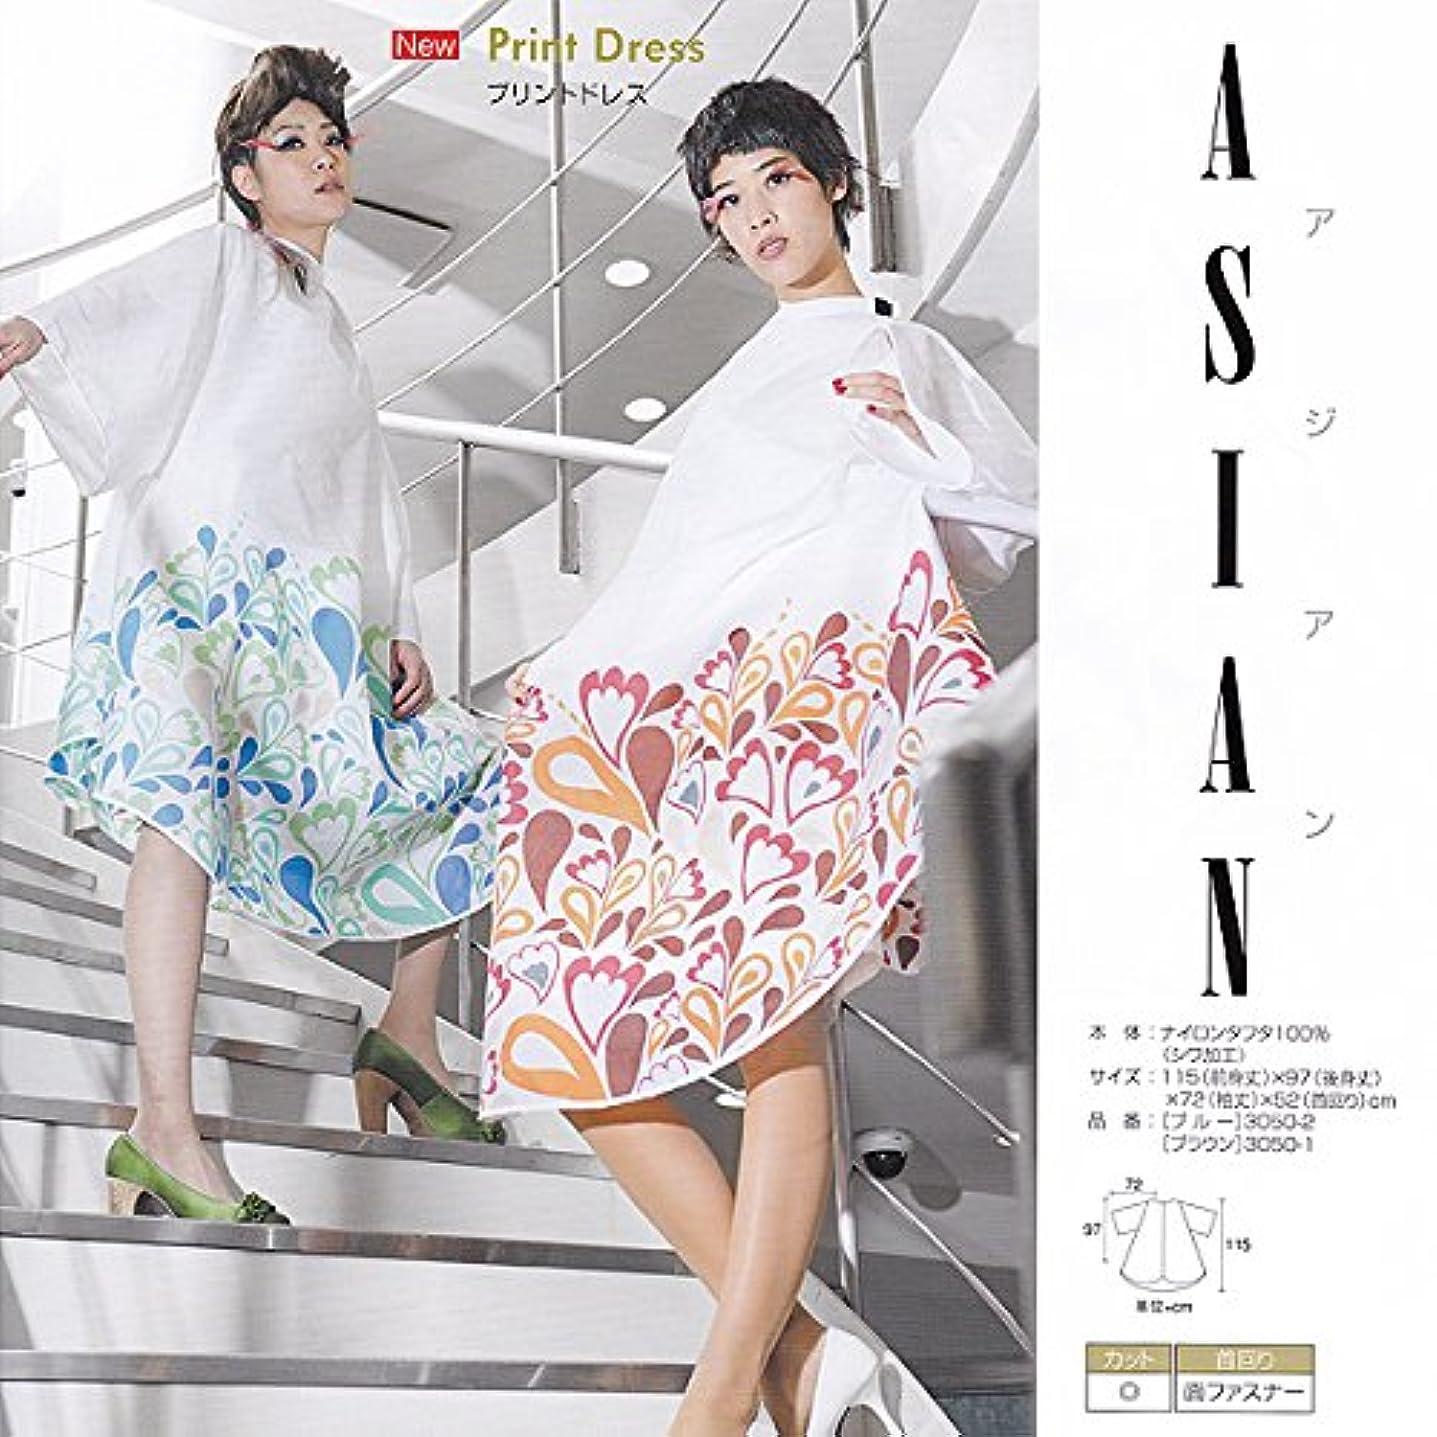 原稿逸脱自動WAKO ASIAN アジアンプリントドレス №3050 3050-2(アジアンブルー) 115(前身丈)×97(後身丈)×72(袖丈)×52(首回リ)